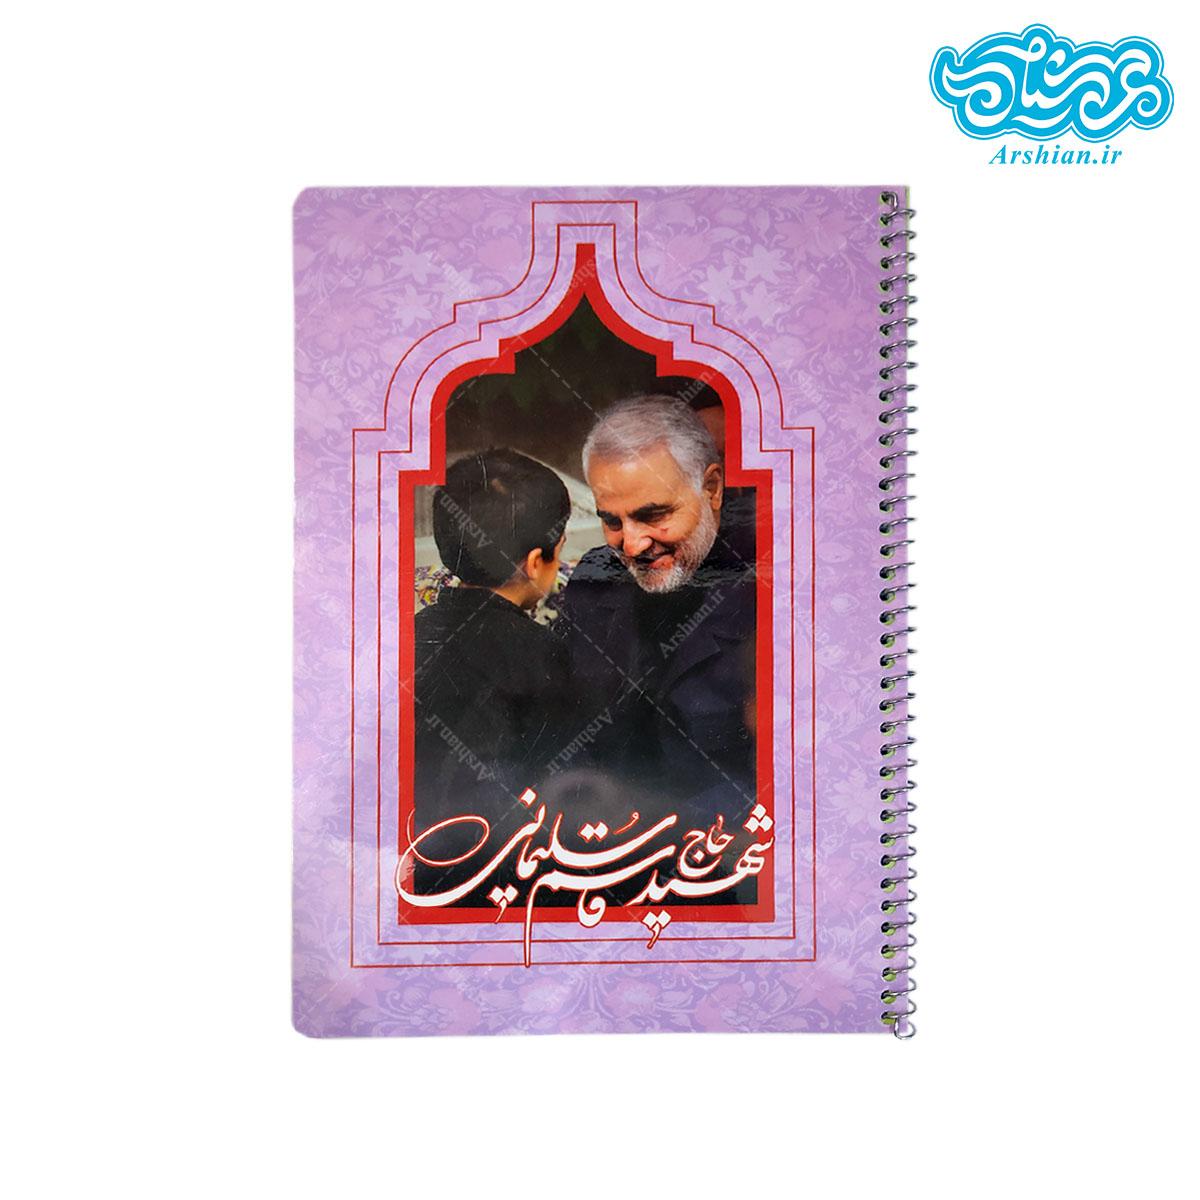 دفتر 50 برگ طرح حاج قاسم سلیمانی کد005